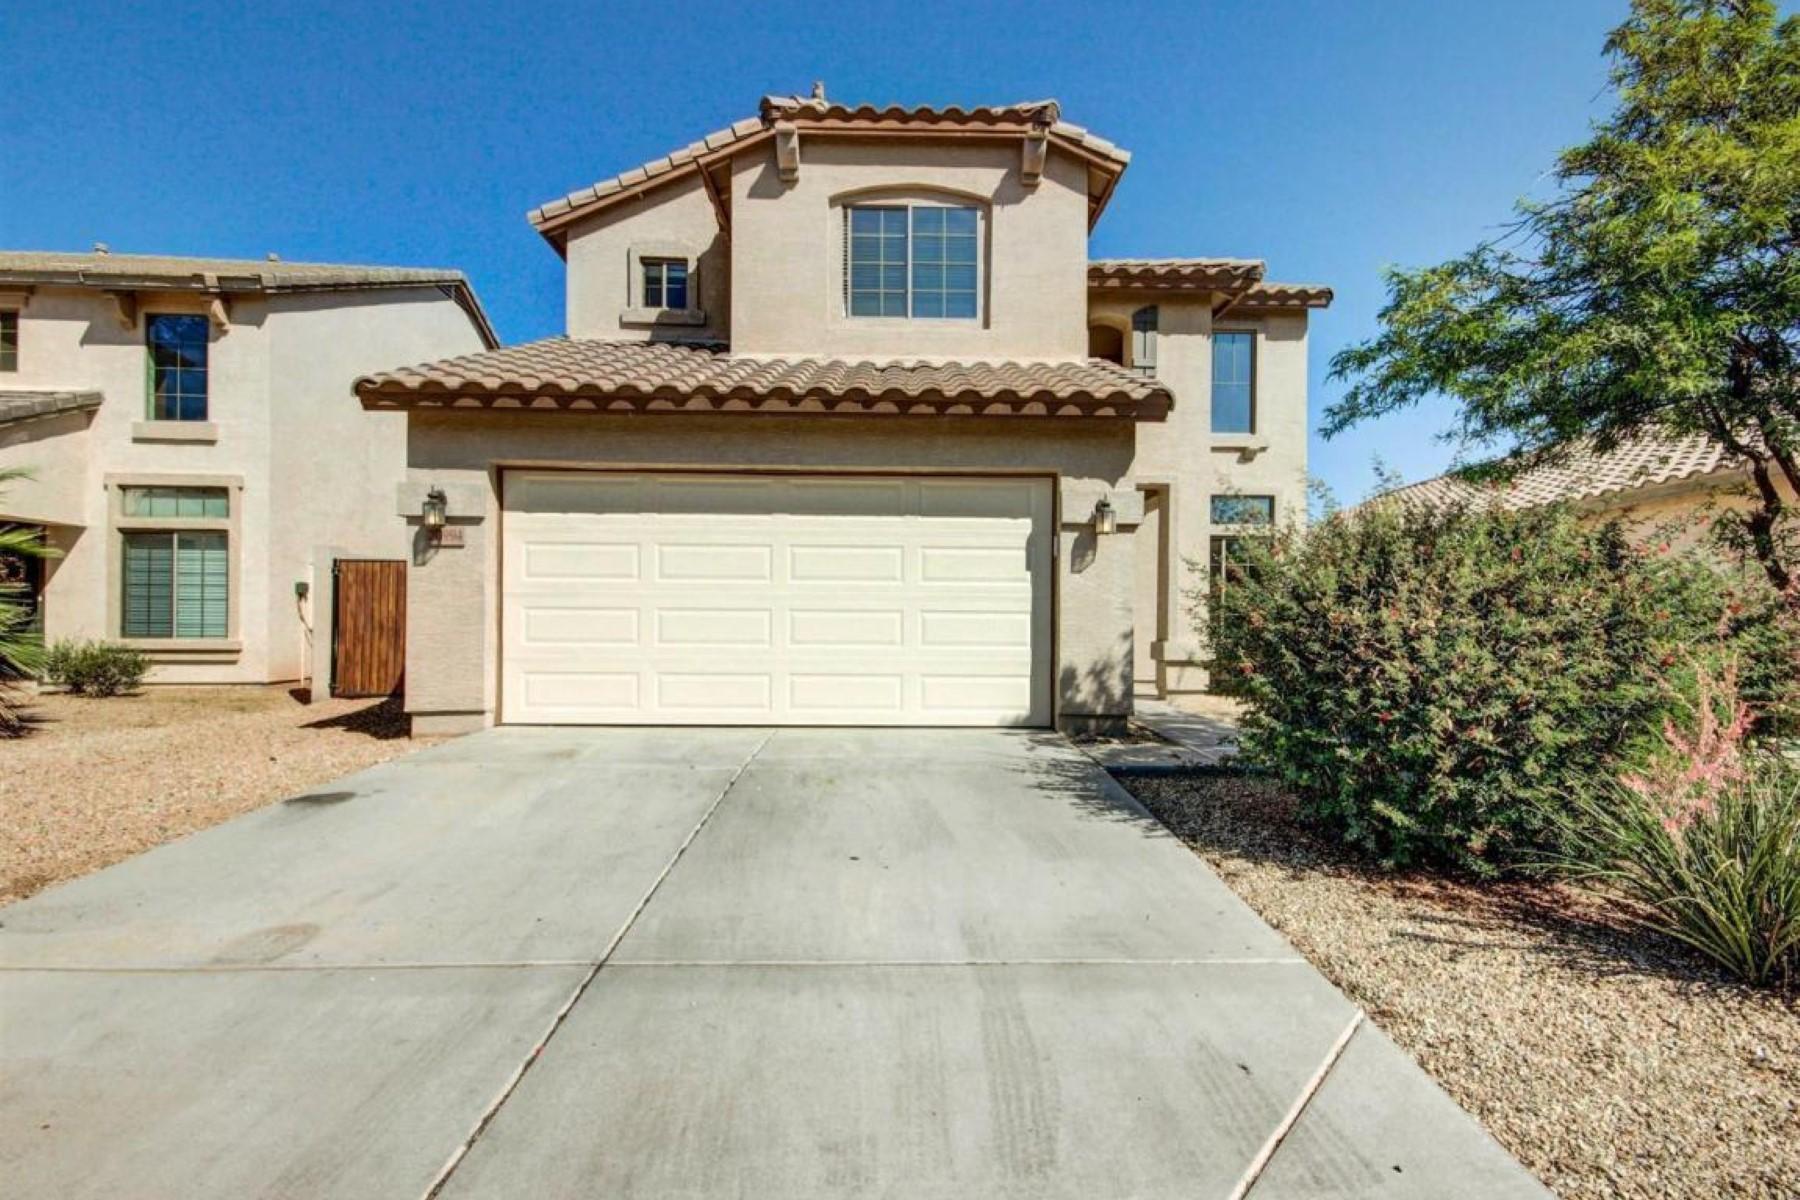 独户住宅 为 销售 在 Nestled in a fabulous community complete with a lake. 20994 N LEONA BLVD Maricopa, 亚利桑那州 85138 美国